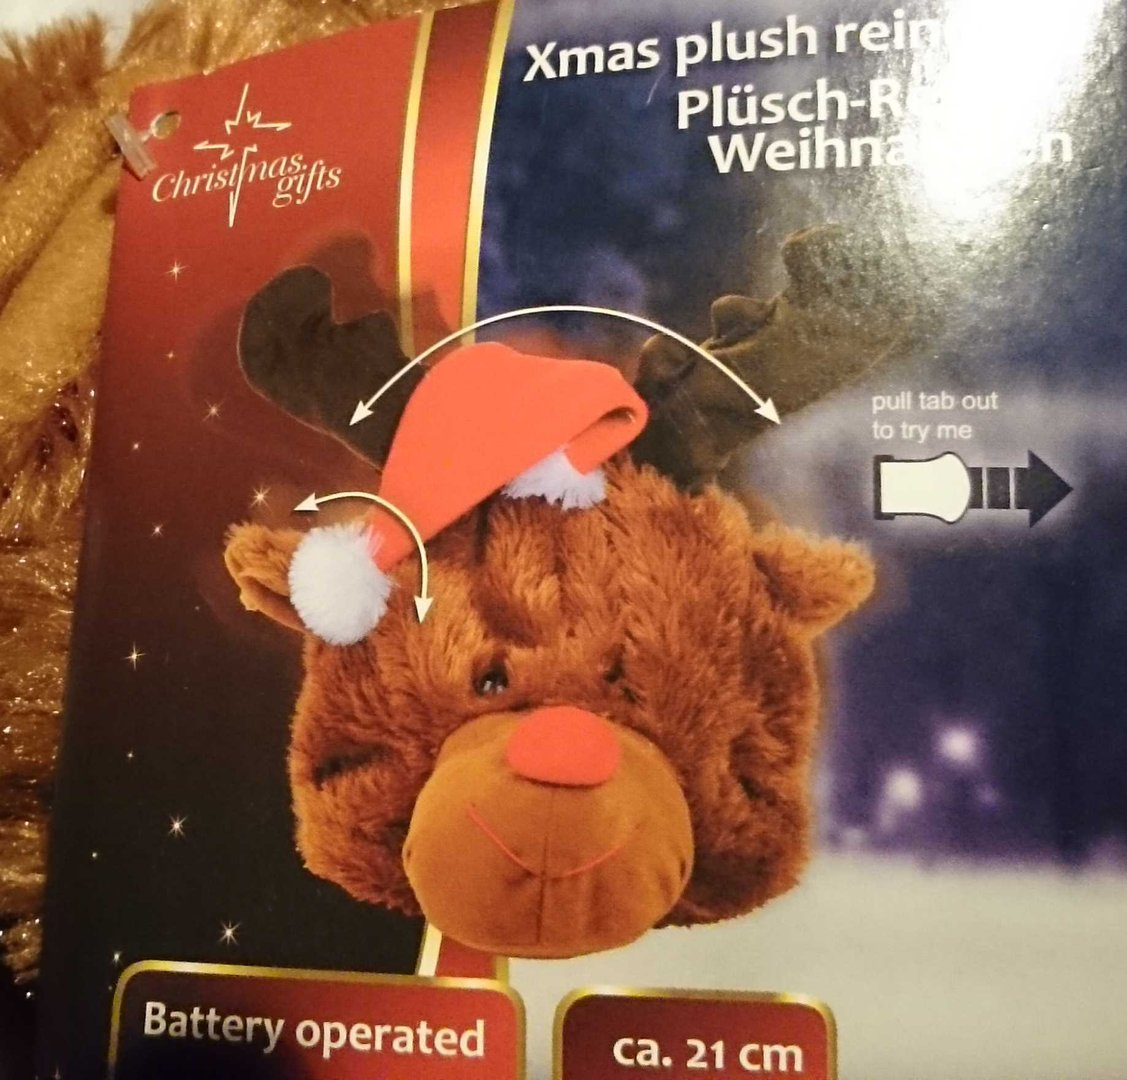 Singende zappelnde weihnachtsm tze xmas weihnachts m tze - Weihnachts status ...